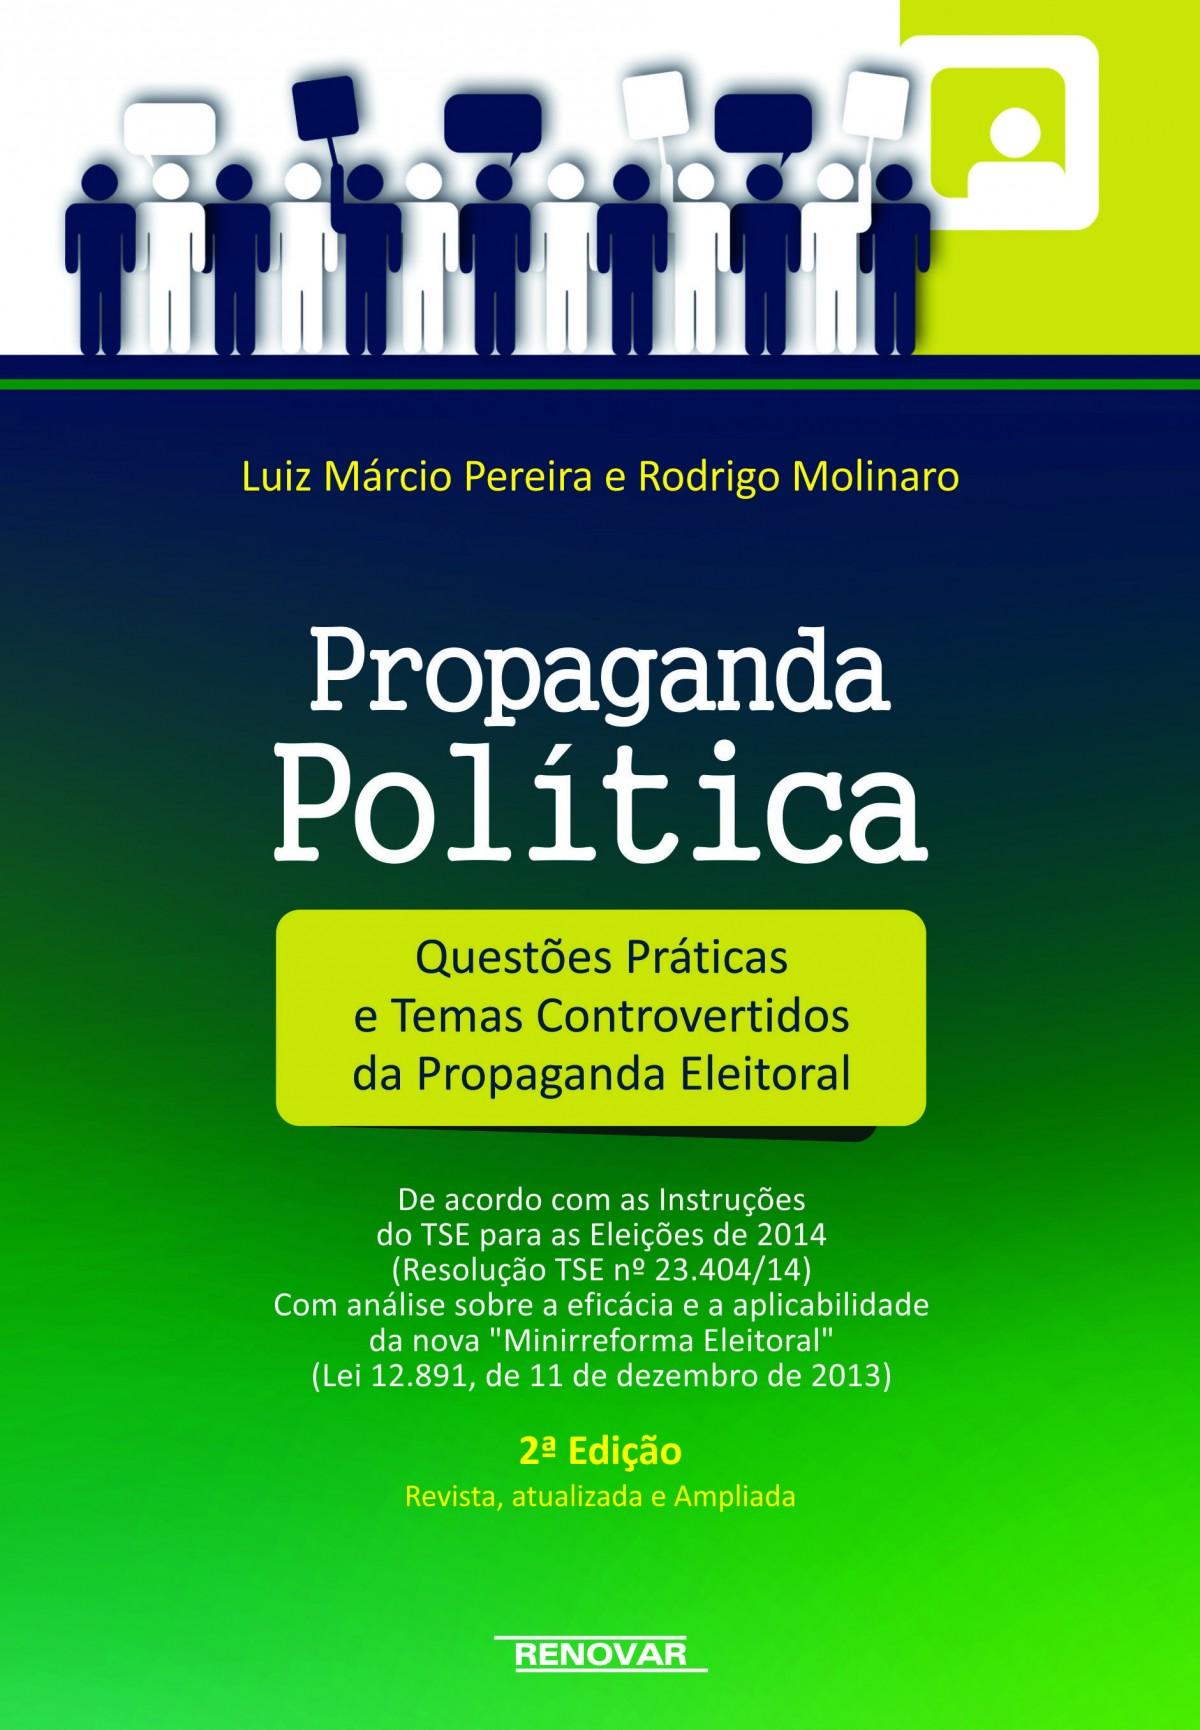 Foto 1 - Propaganda Política - Questões Práticas e Temas Controvertidos da Propaganda Eleitoral